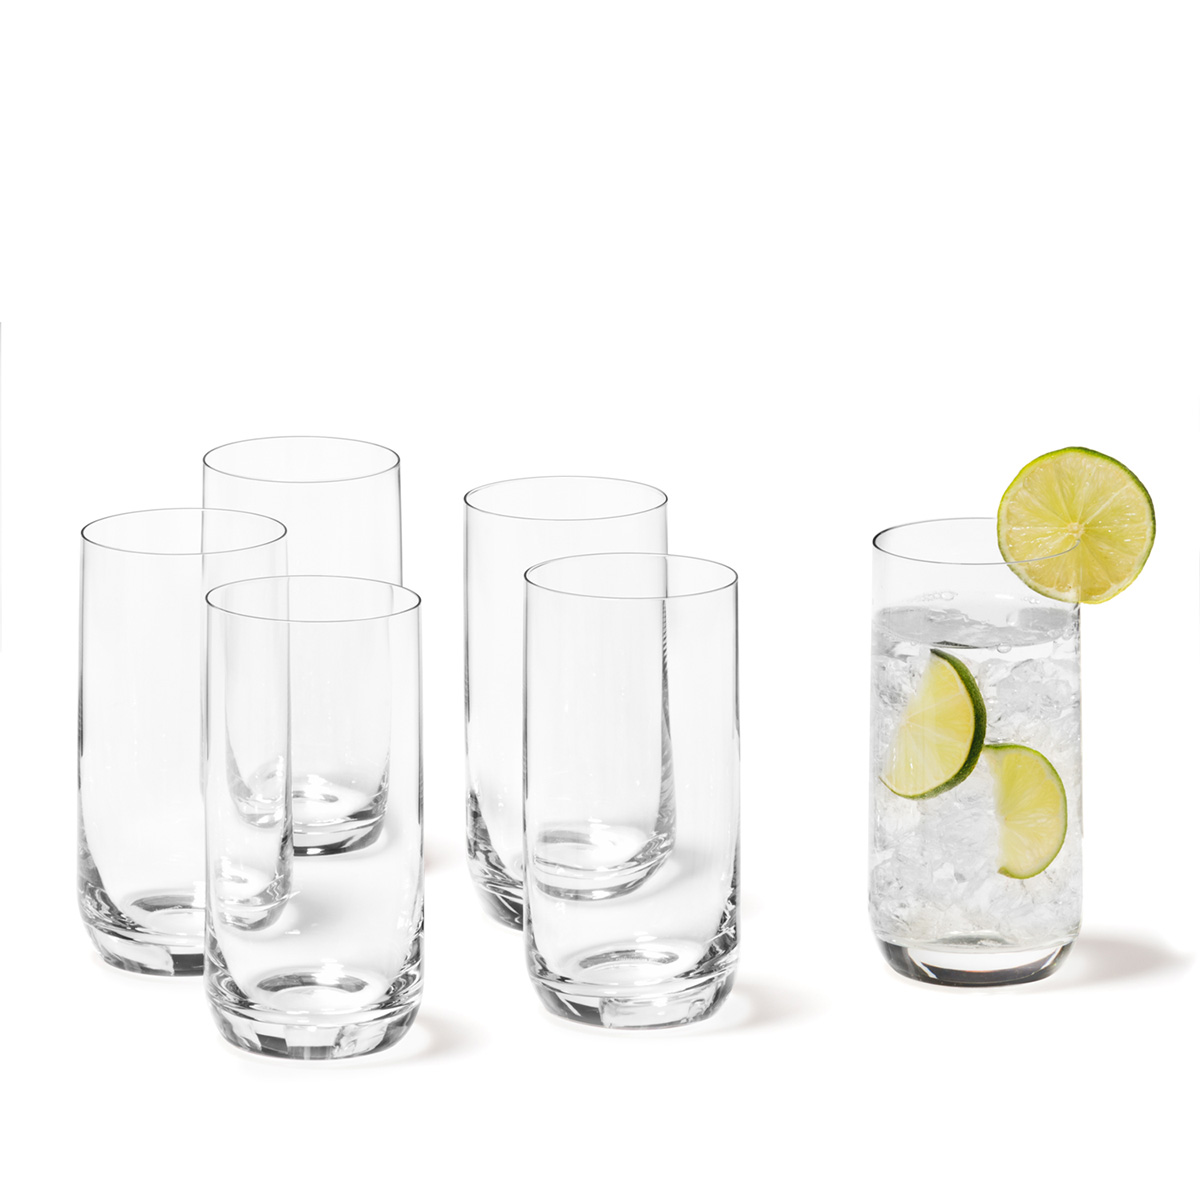 Čaša Tumbler 63325